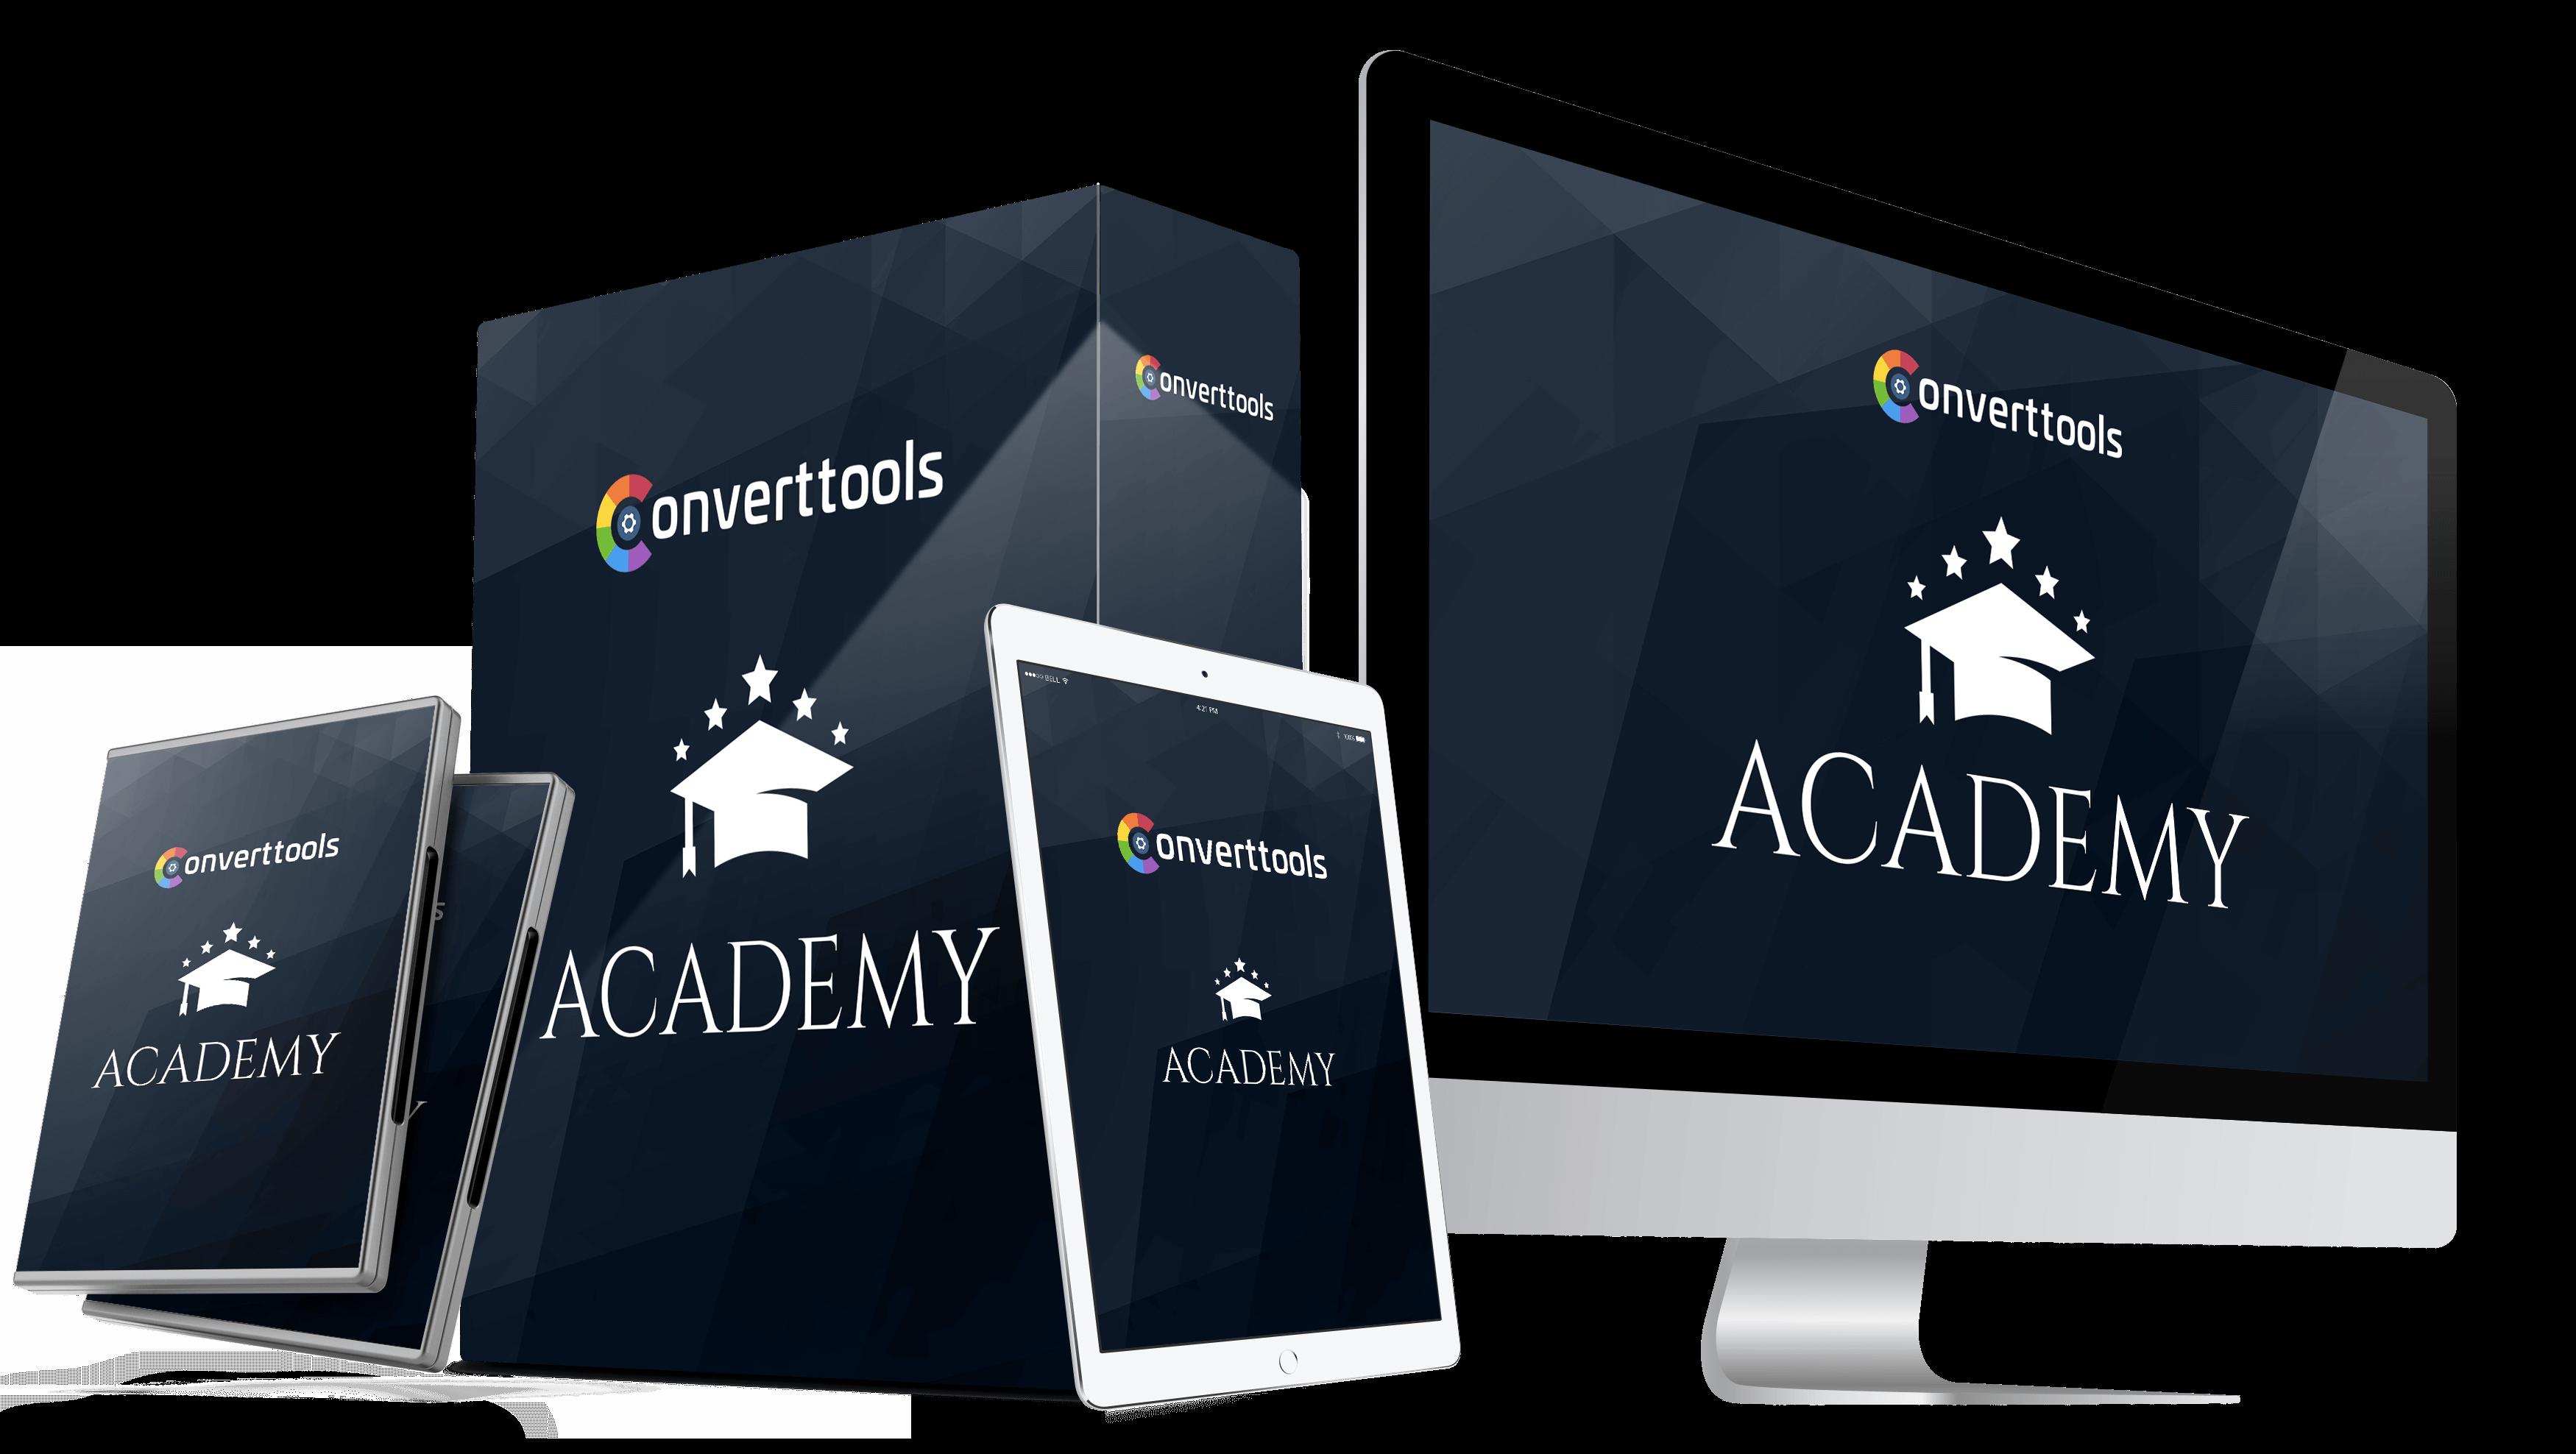 Converttools Academy